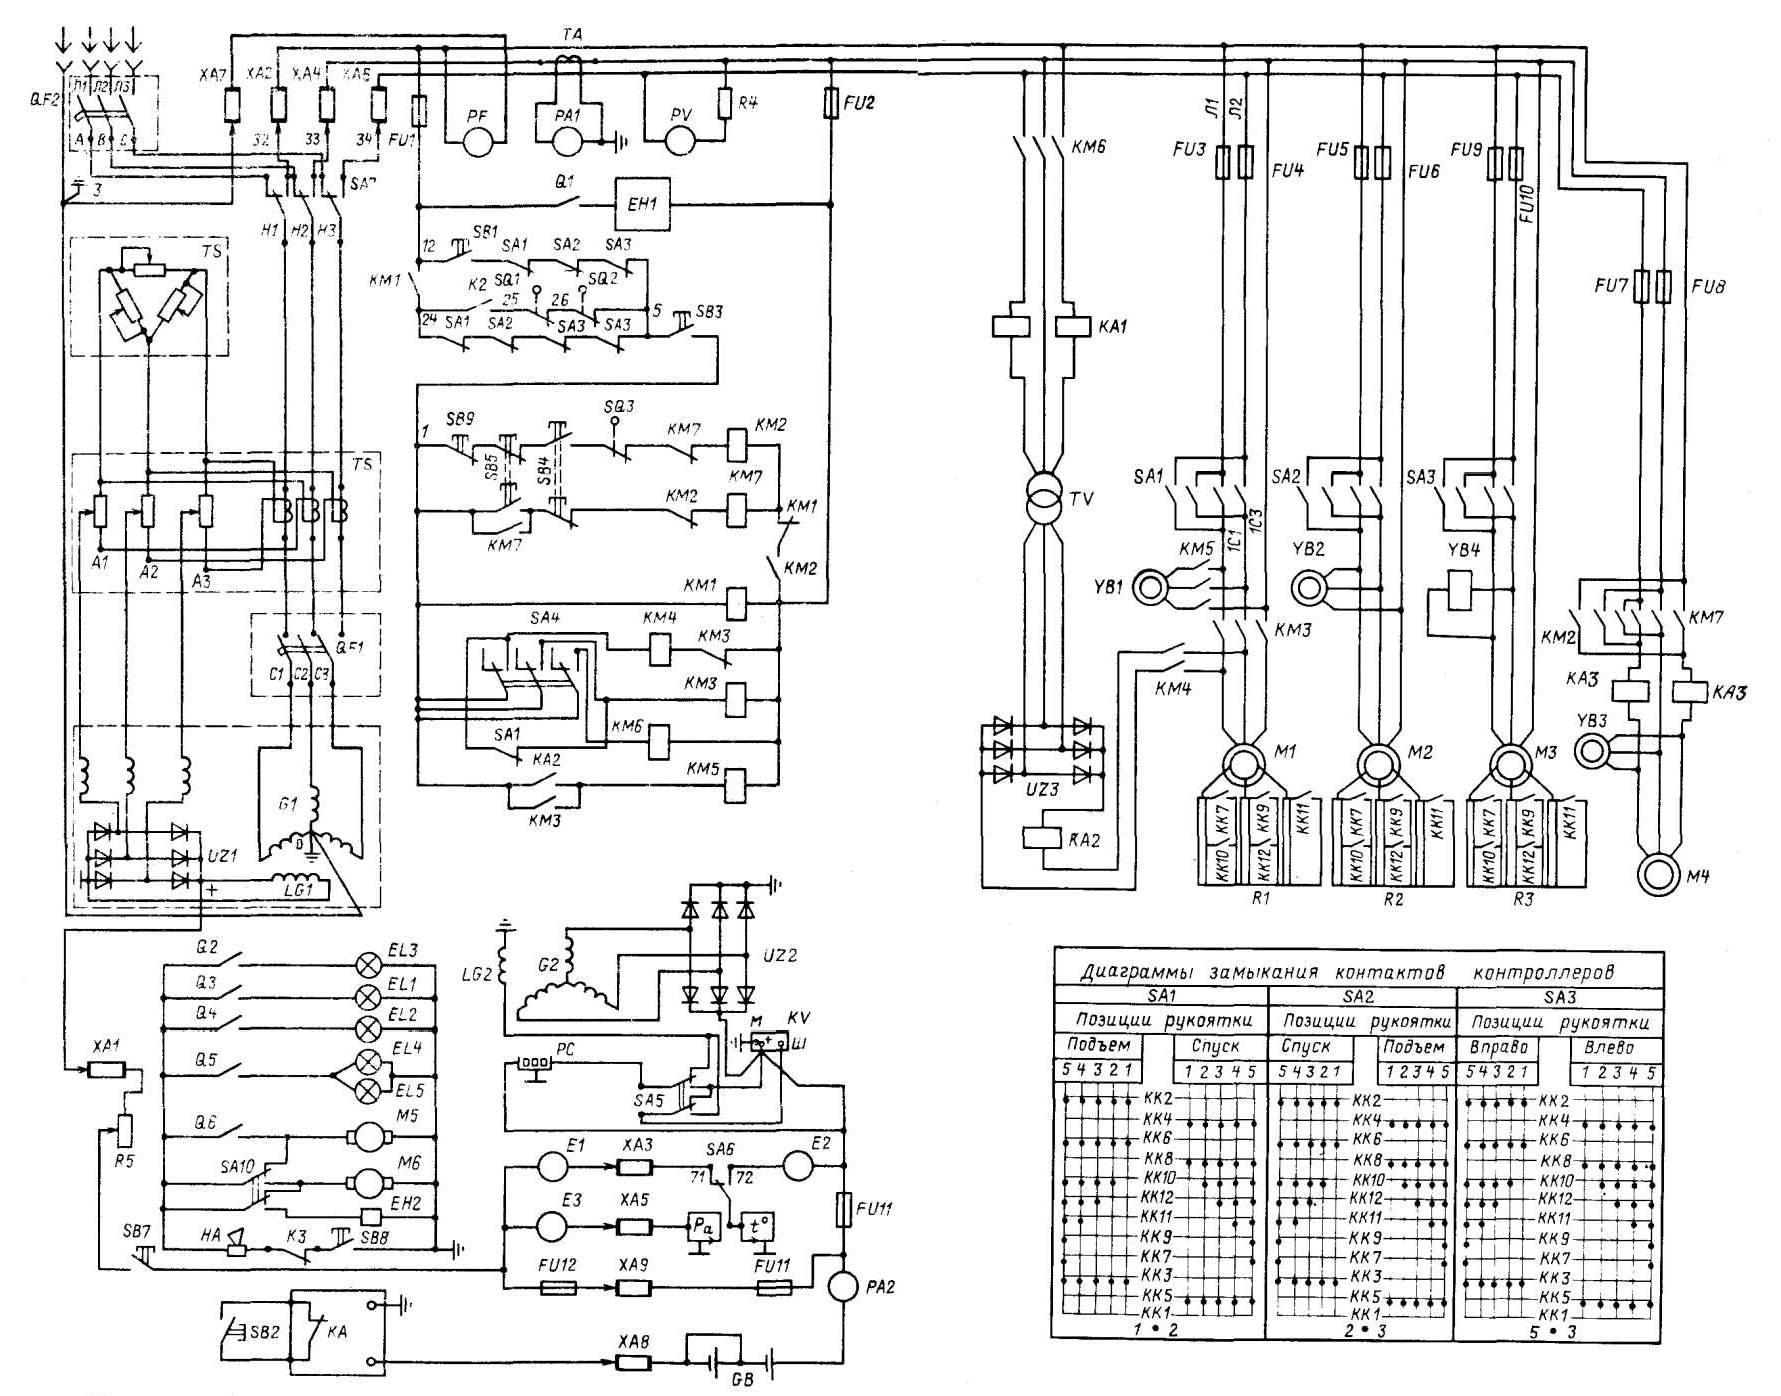 Электрическая схема мотоцикла иж-ю5.  Реферат вертикально фрезерные станки схема.